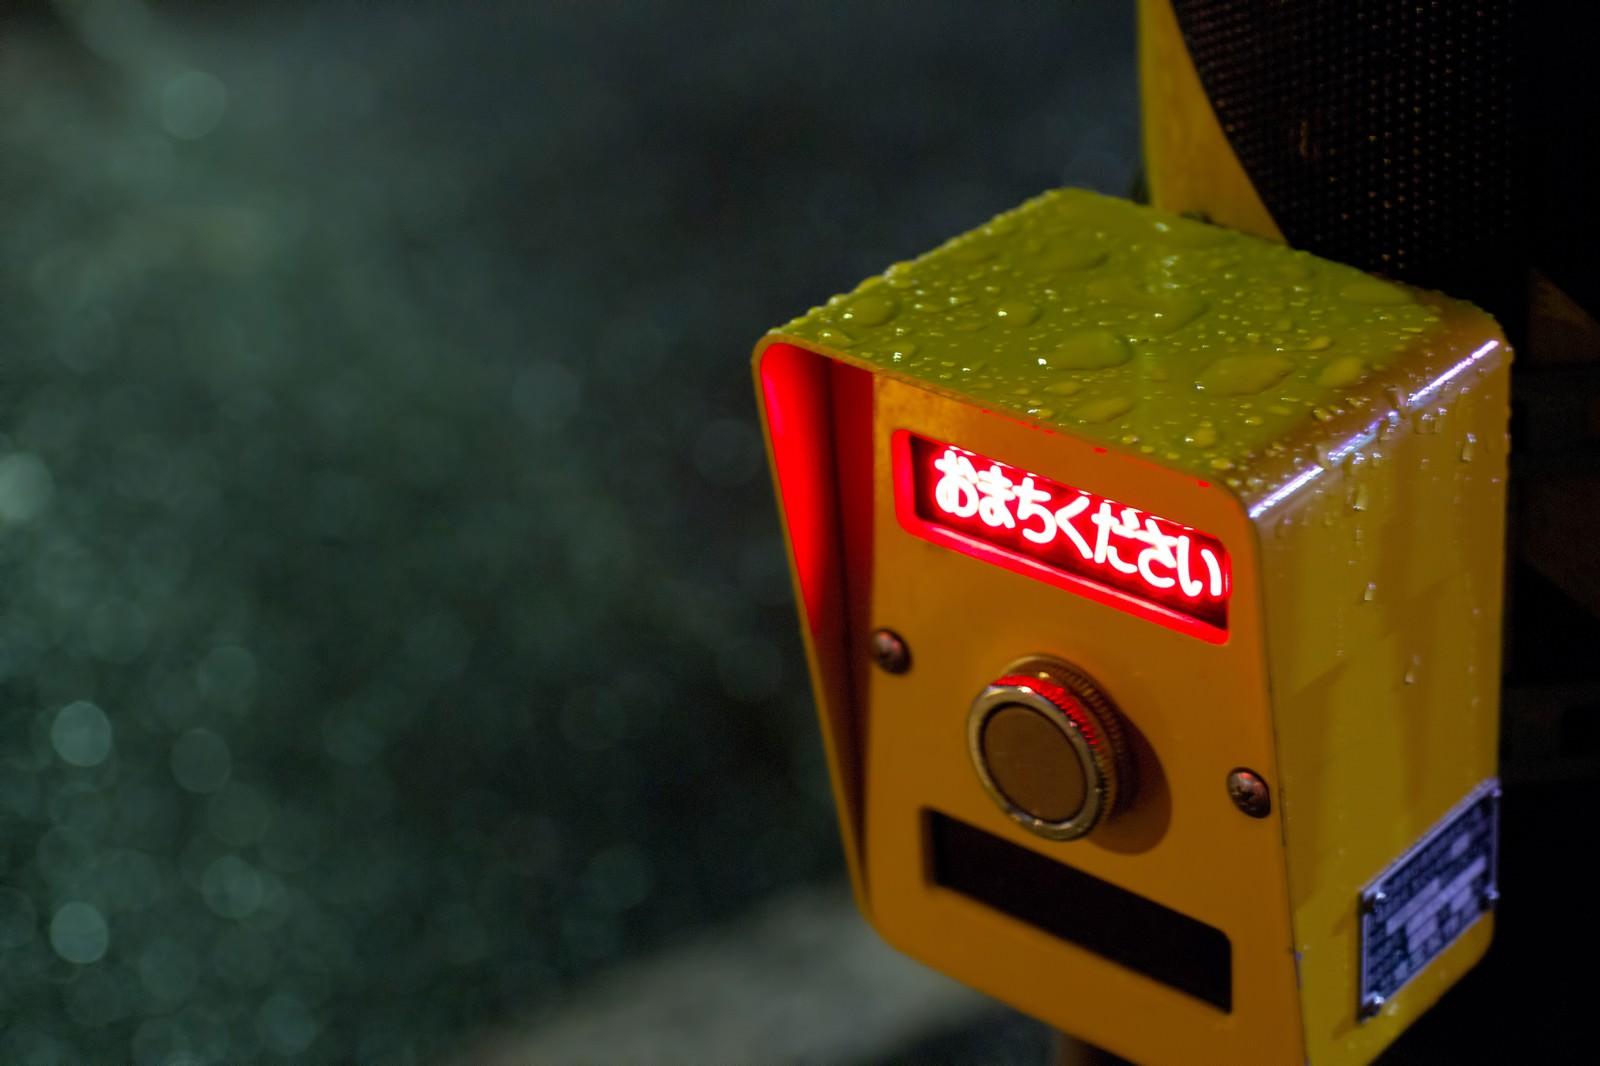 「歩行者用押しボタン歩行者用押しボタン」のフリー写真素材を拡大